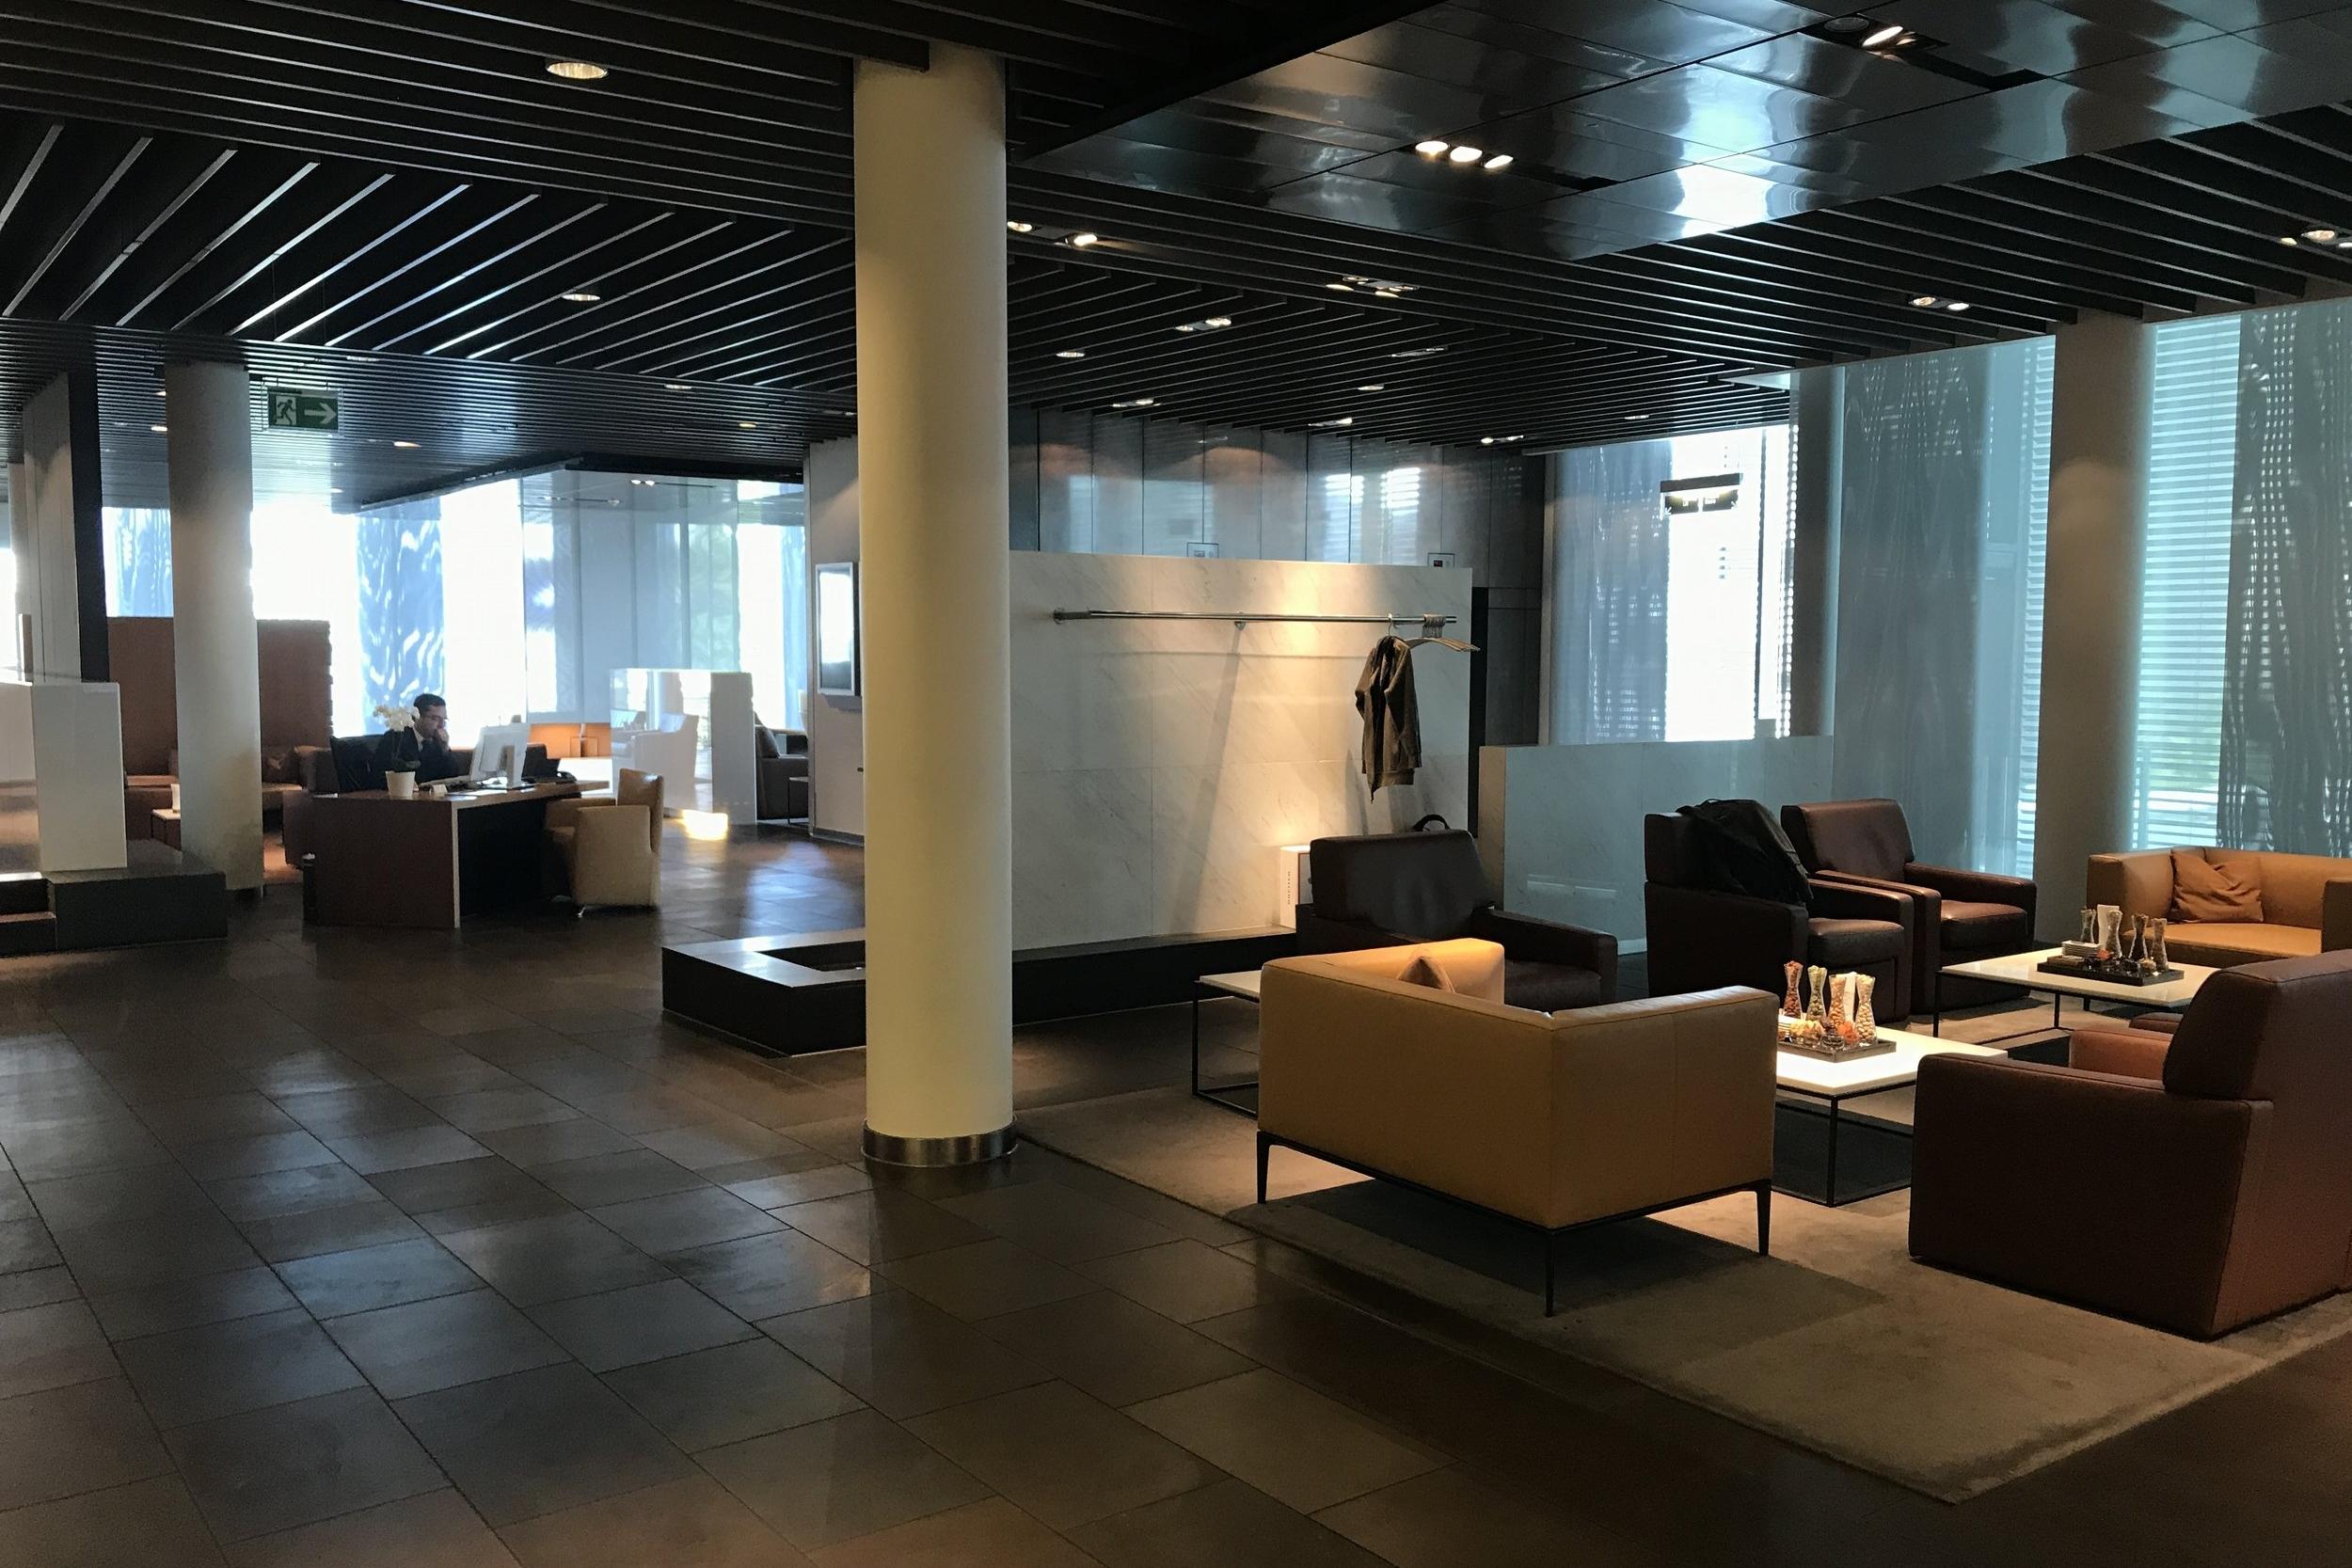 Lufthansa First Class Terminal Frankfurt – Service desk